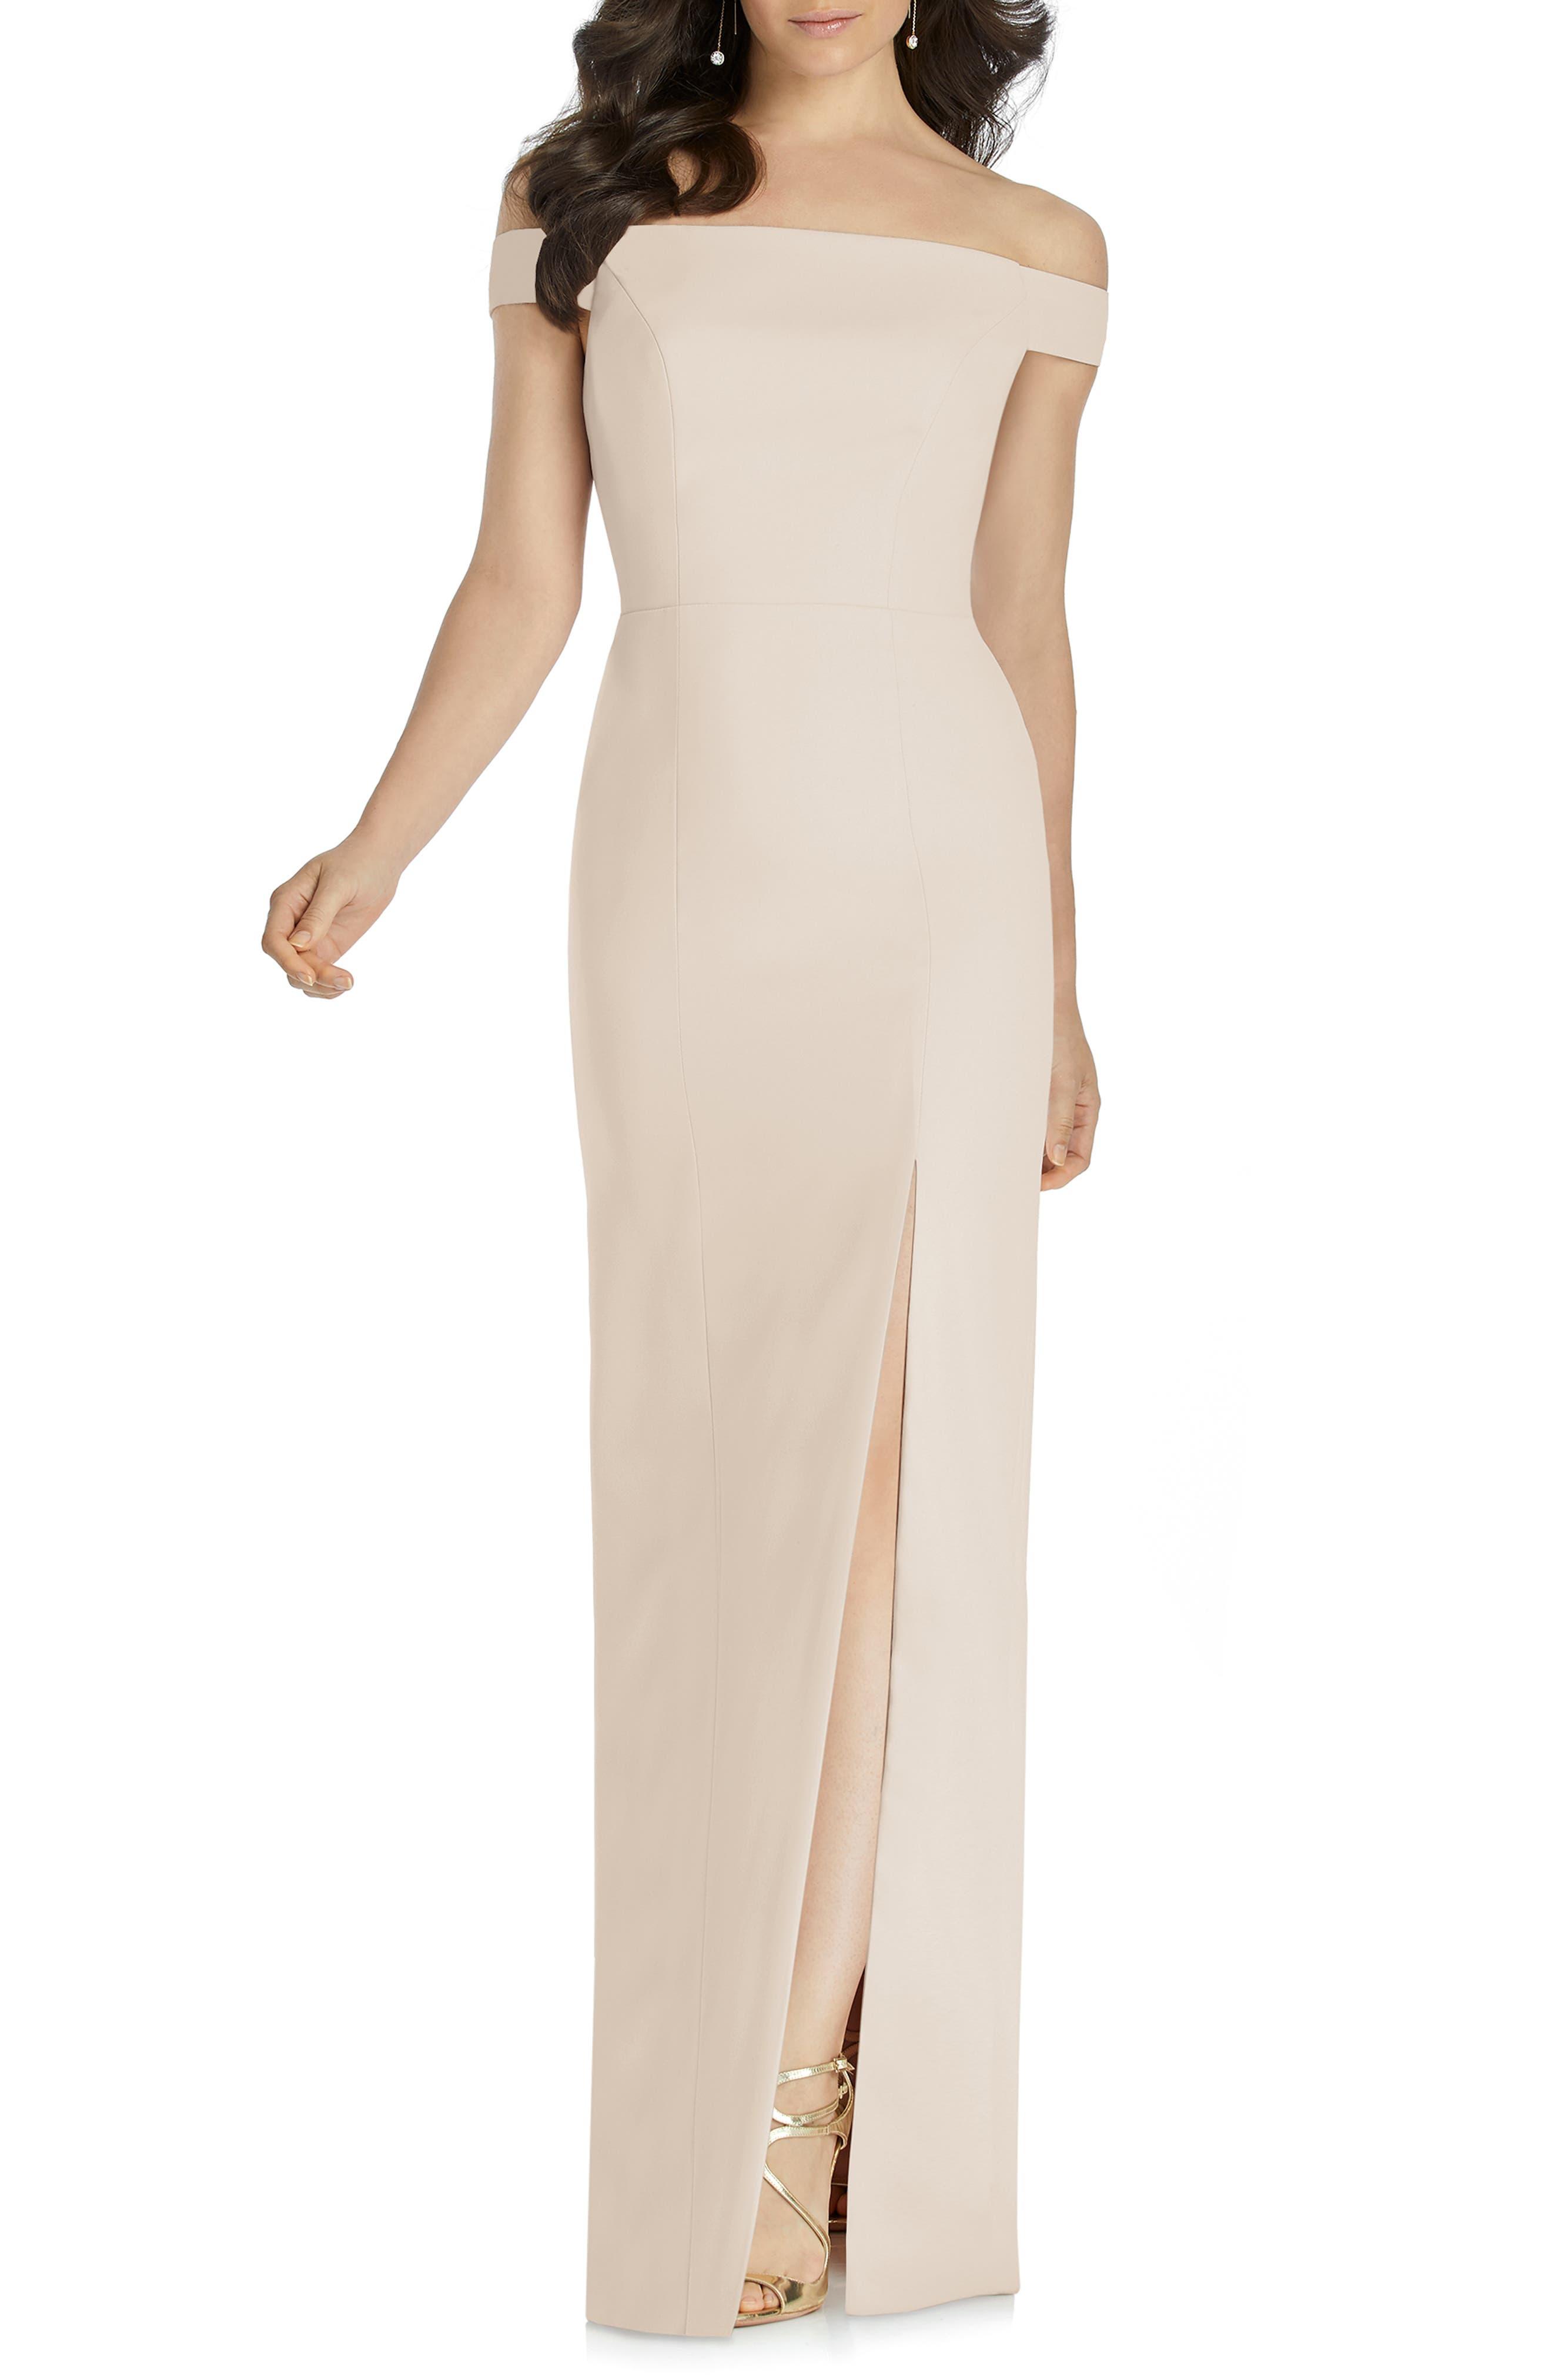 Dessy Collection Off The Shoulder Bow Back Evening Dress, Beige